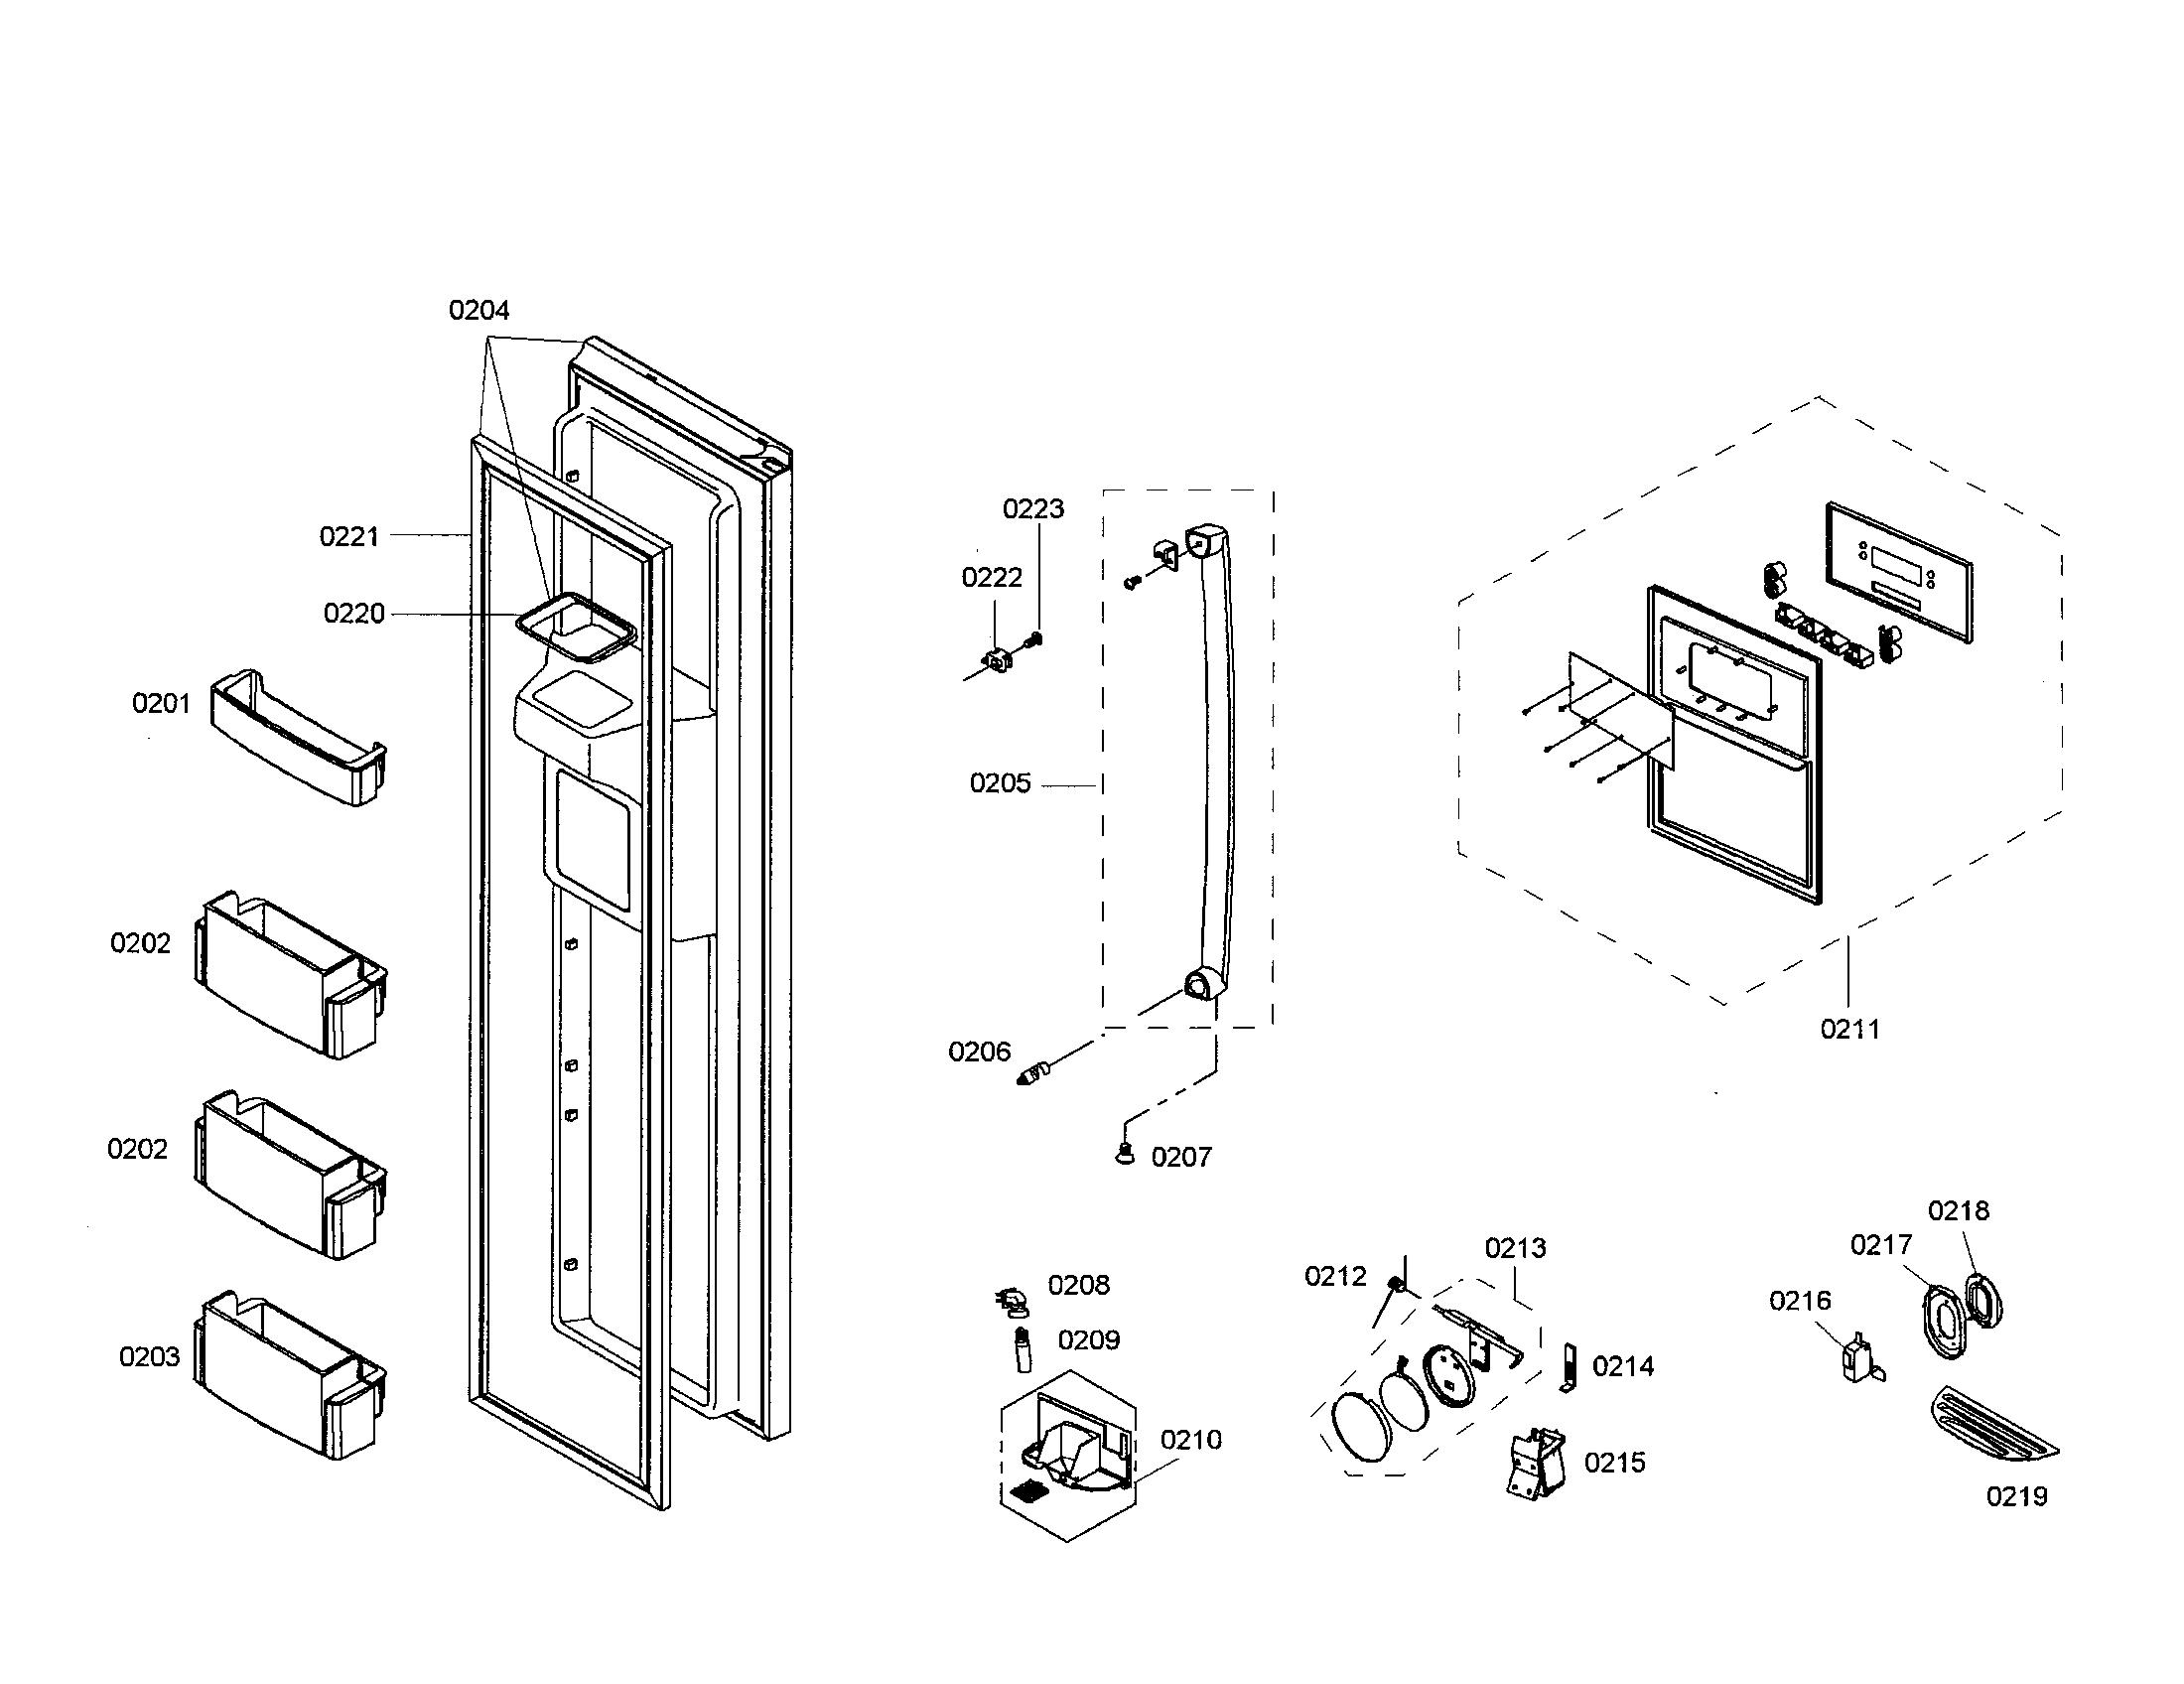 FREEZER DOOR Diagram & Parts List for Model B20CS80SNS01